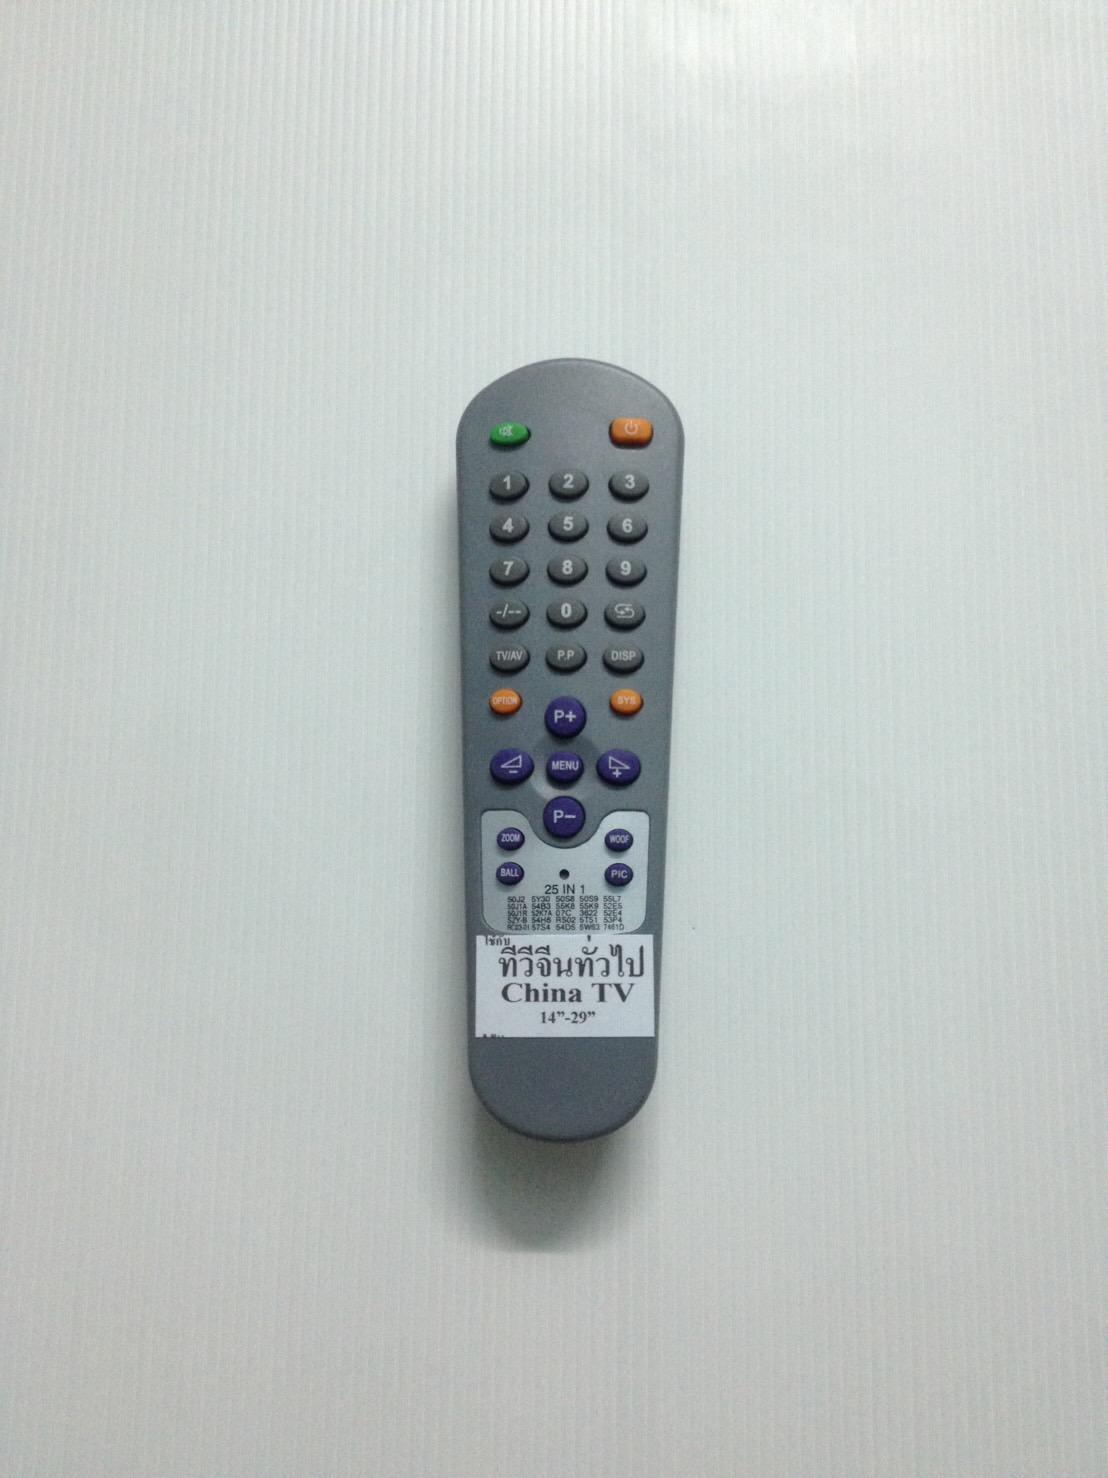 รีโมททีวีจีนทั่วไป 25 in 1 ใช้ได้หลายรุ่น